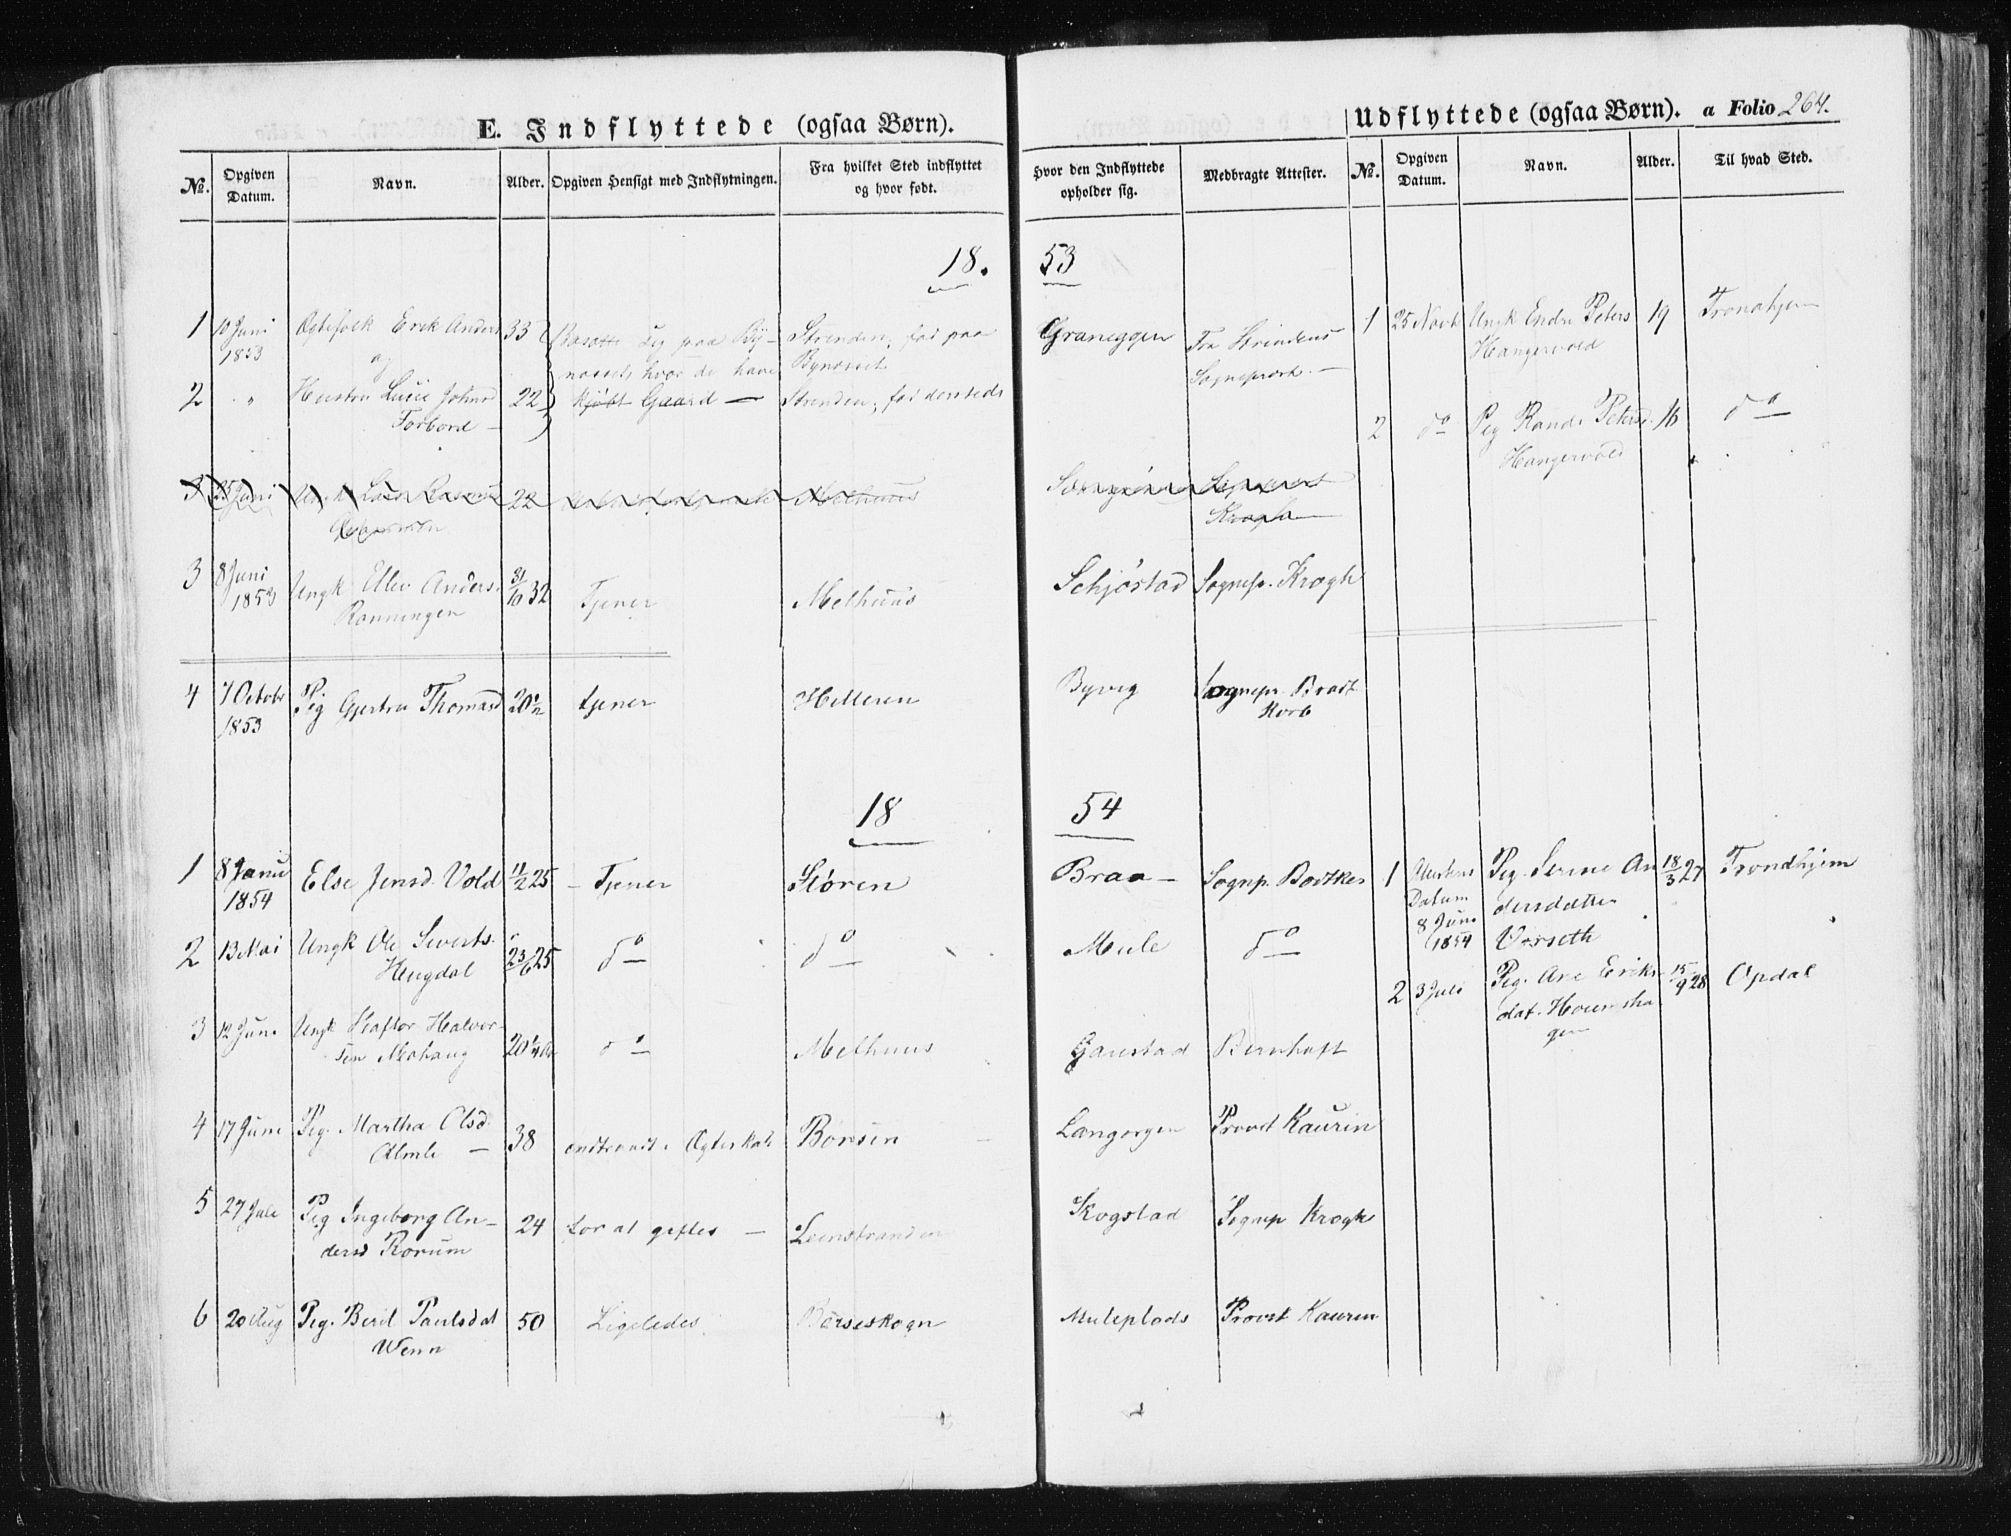 SAT, Ministerialprotokoller, klokkerbøker og fødselsregistre - Sør-Trøndelag, 612/L0376: Ministerialbok nr. 612A08, 1846-1859, s. 264